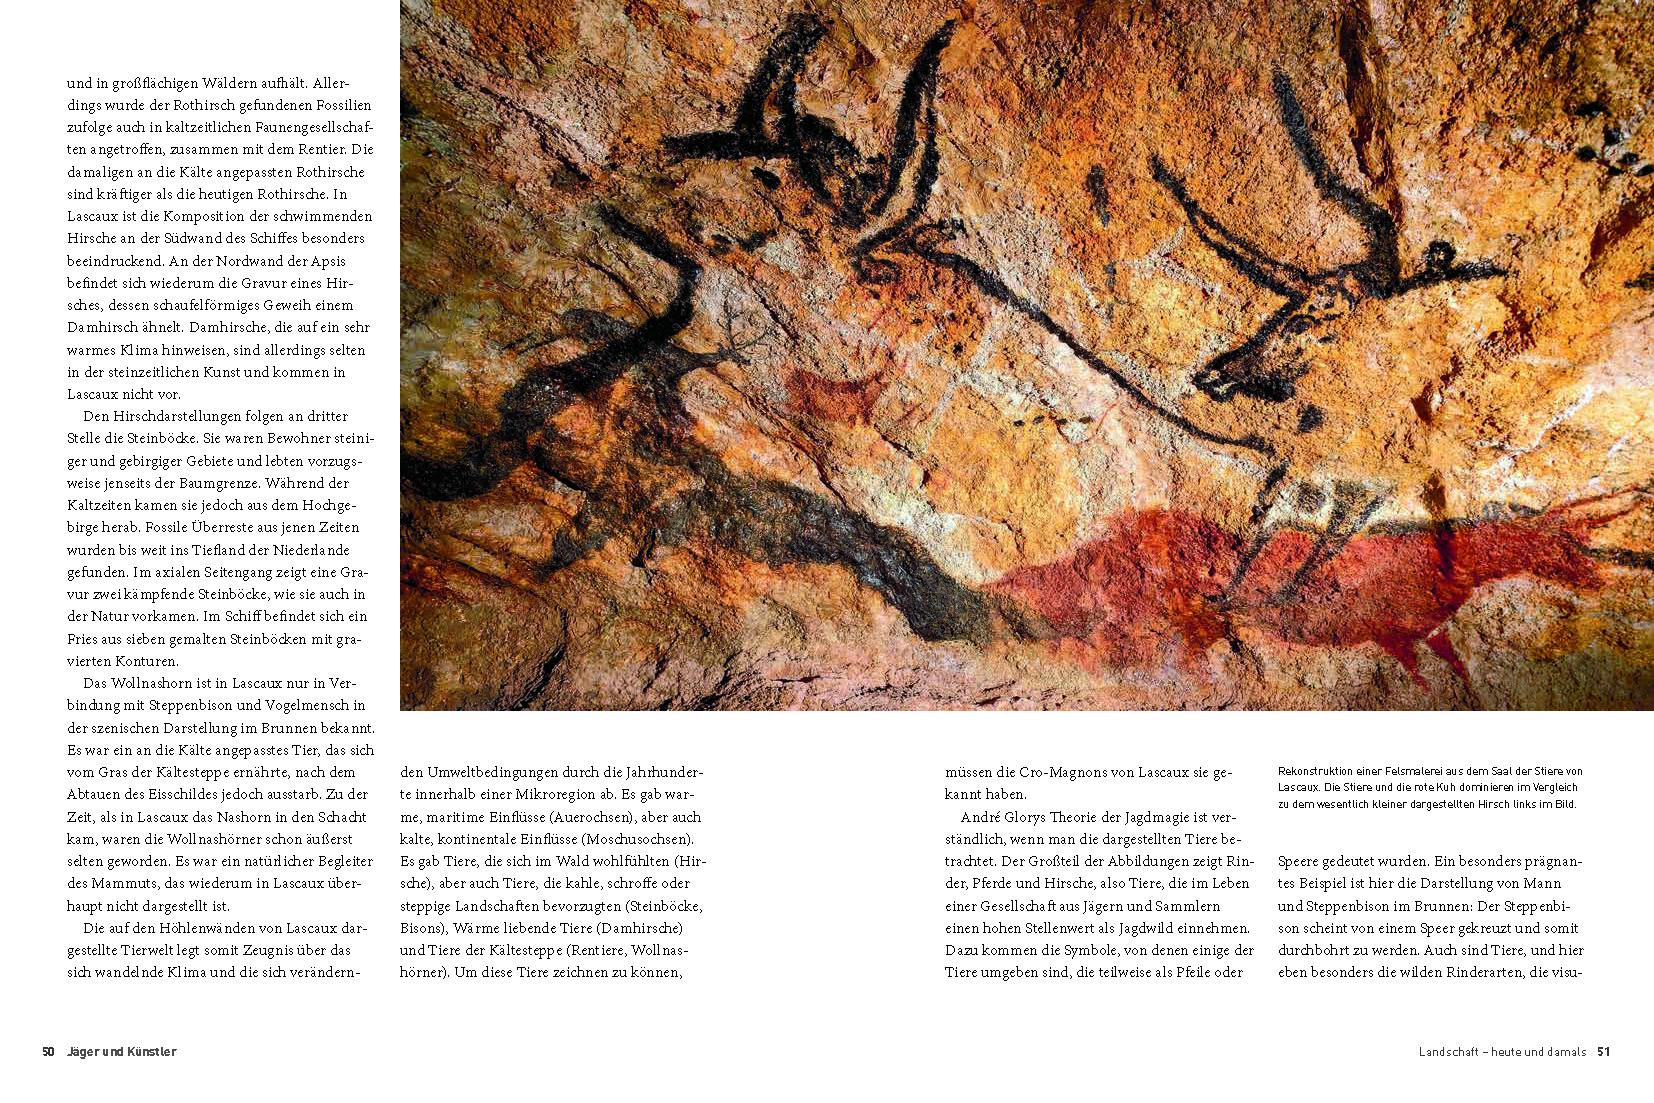 Höhlen von Lascaux Buch